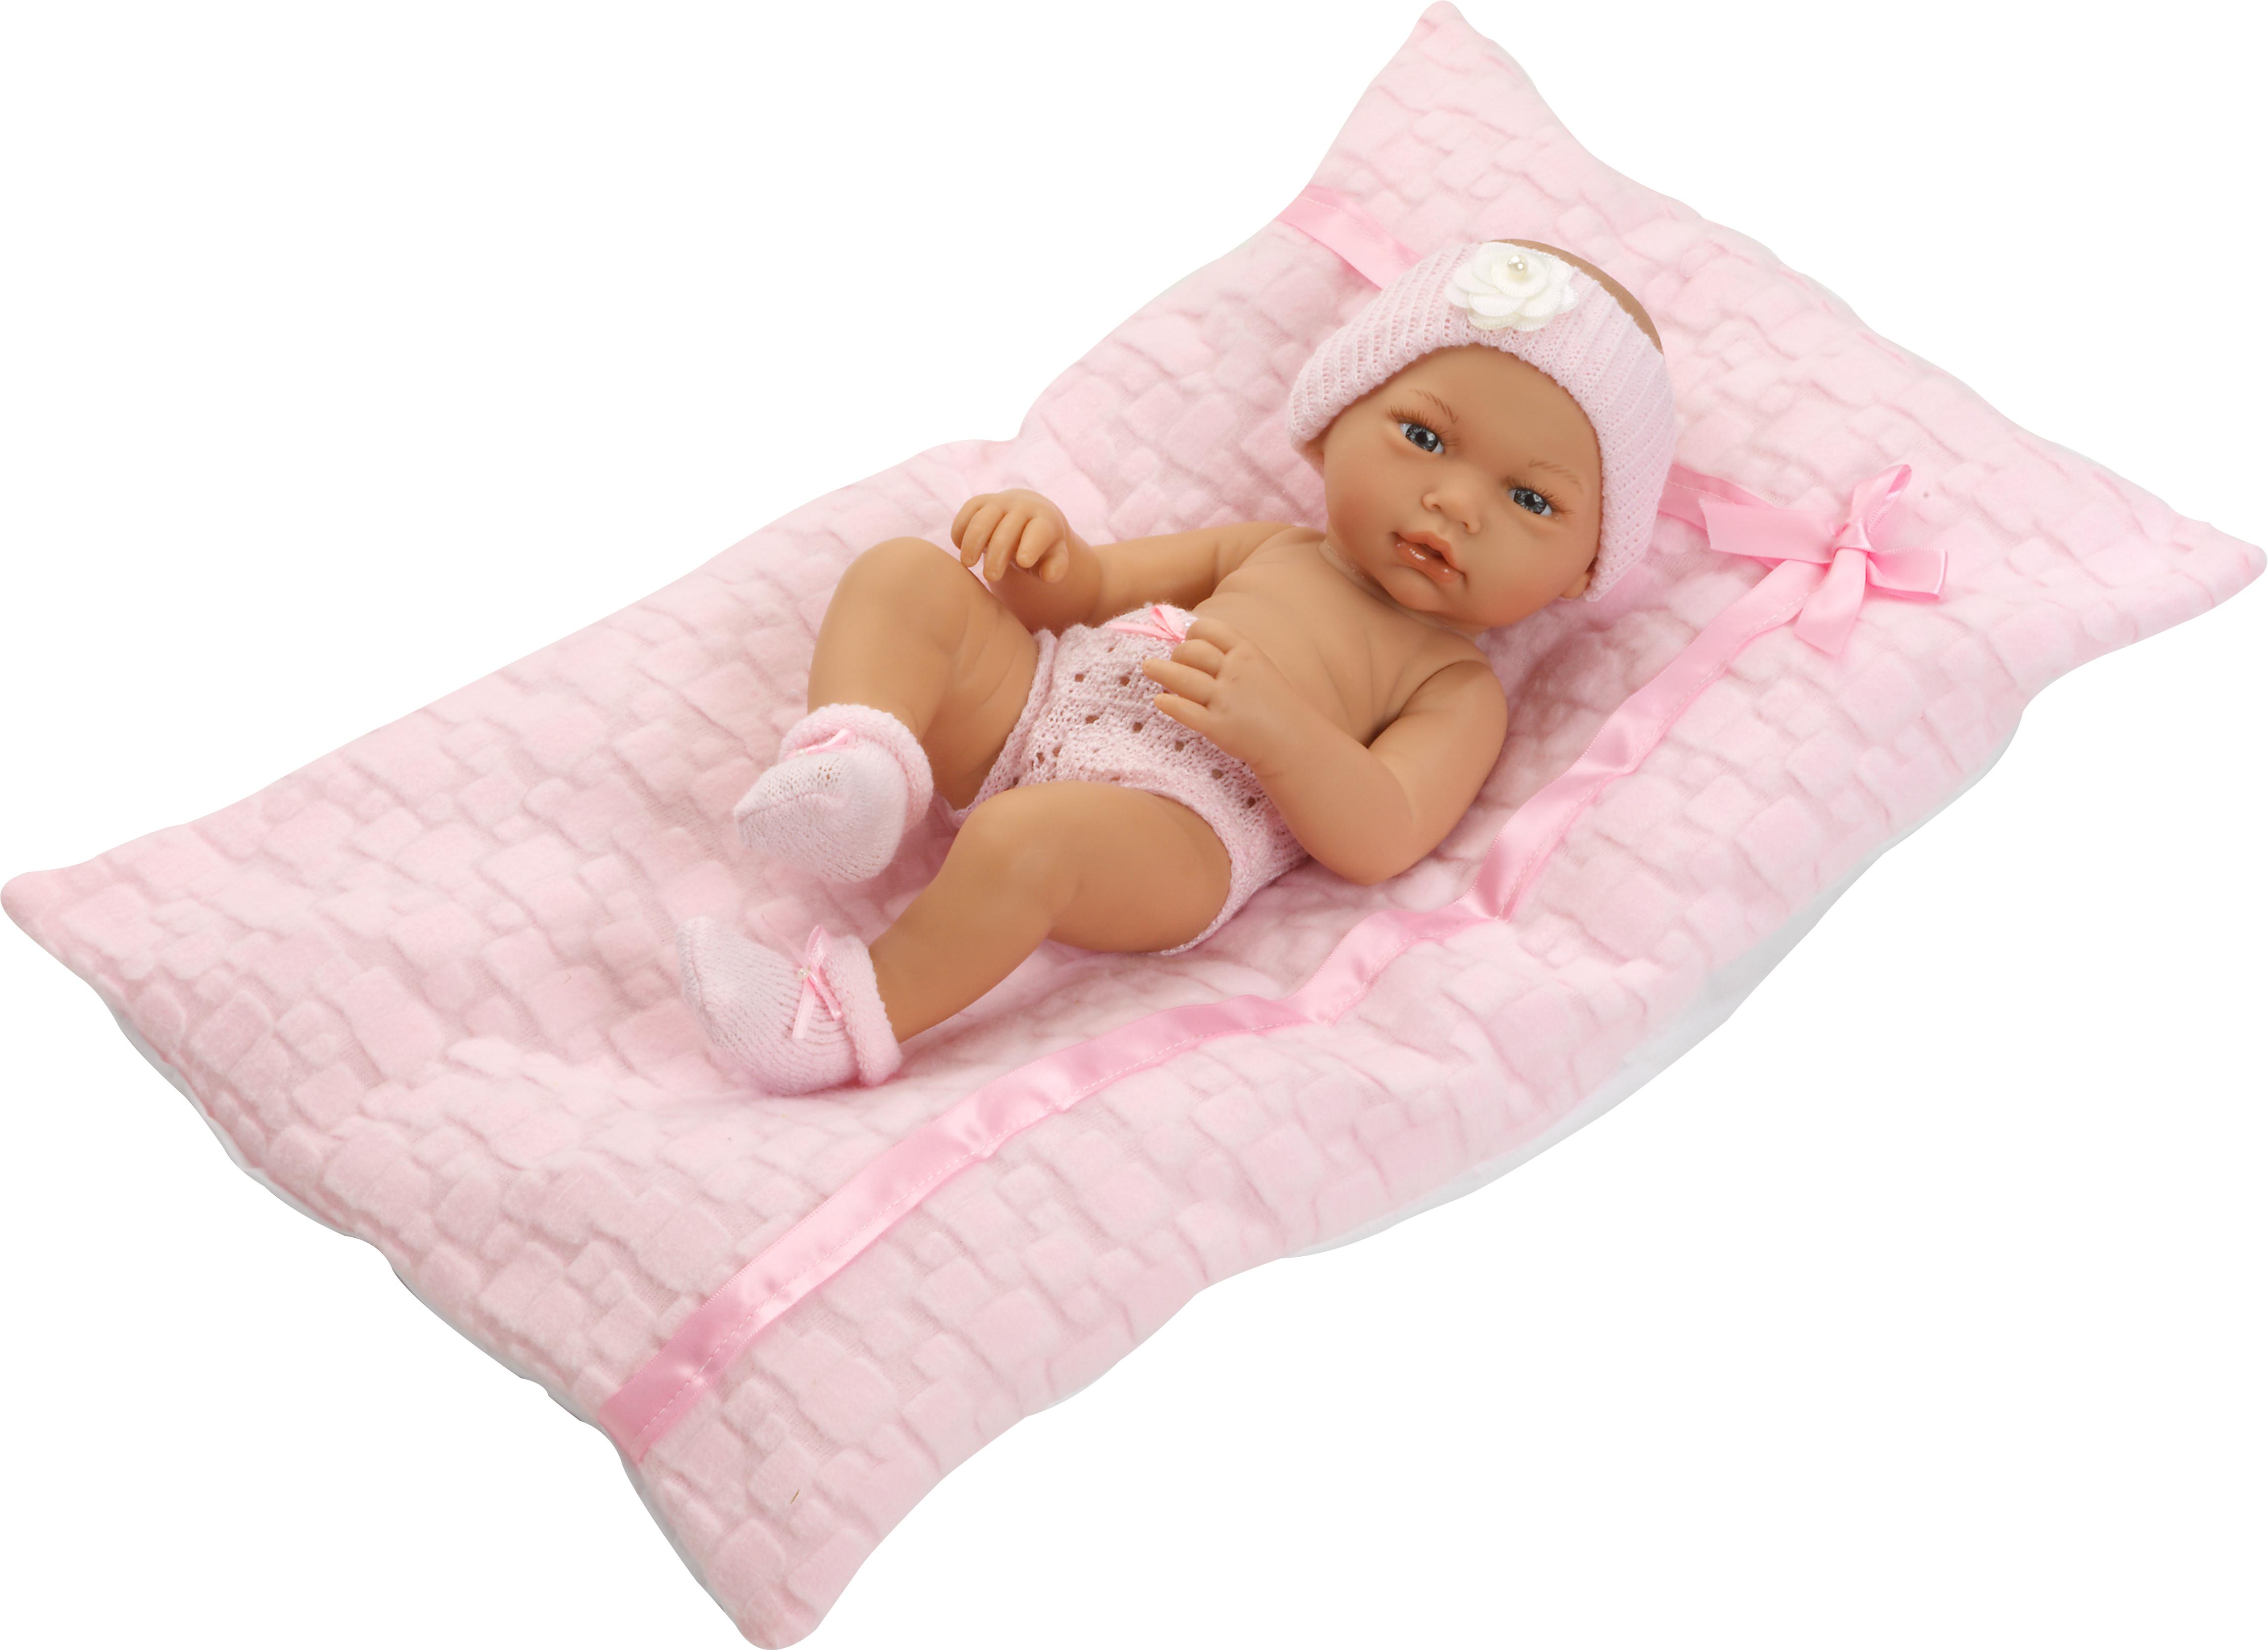 Recién Nacida con ropa rosa y cojín